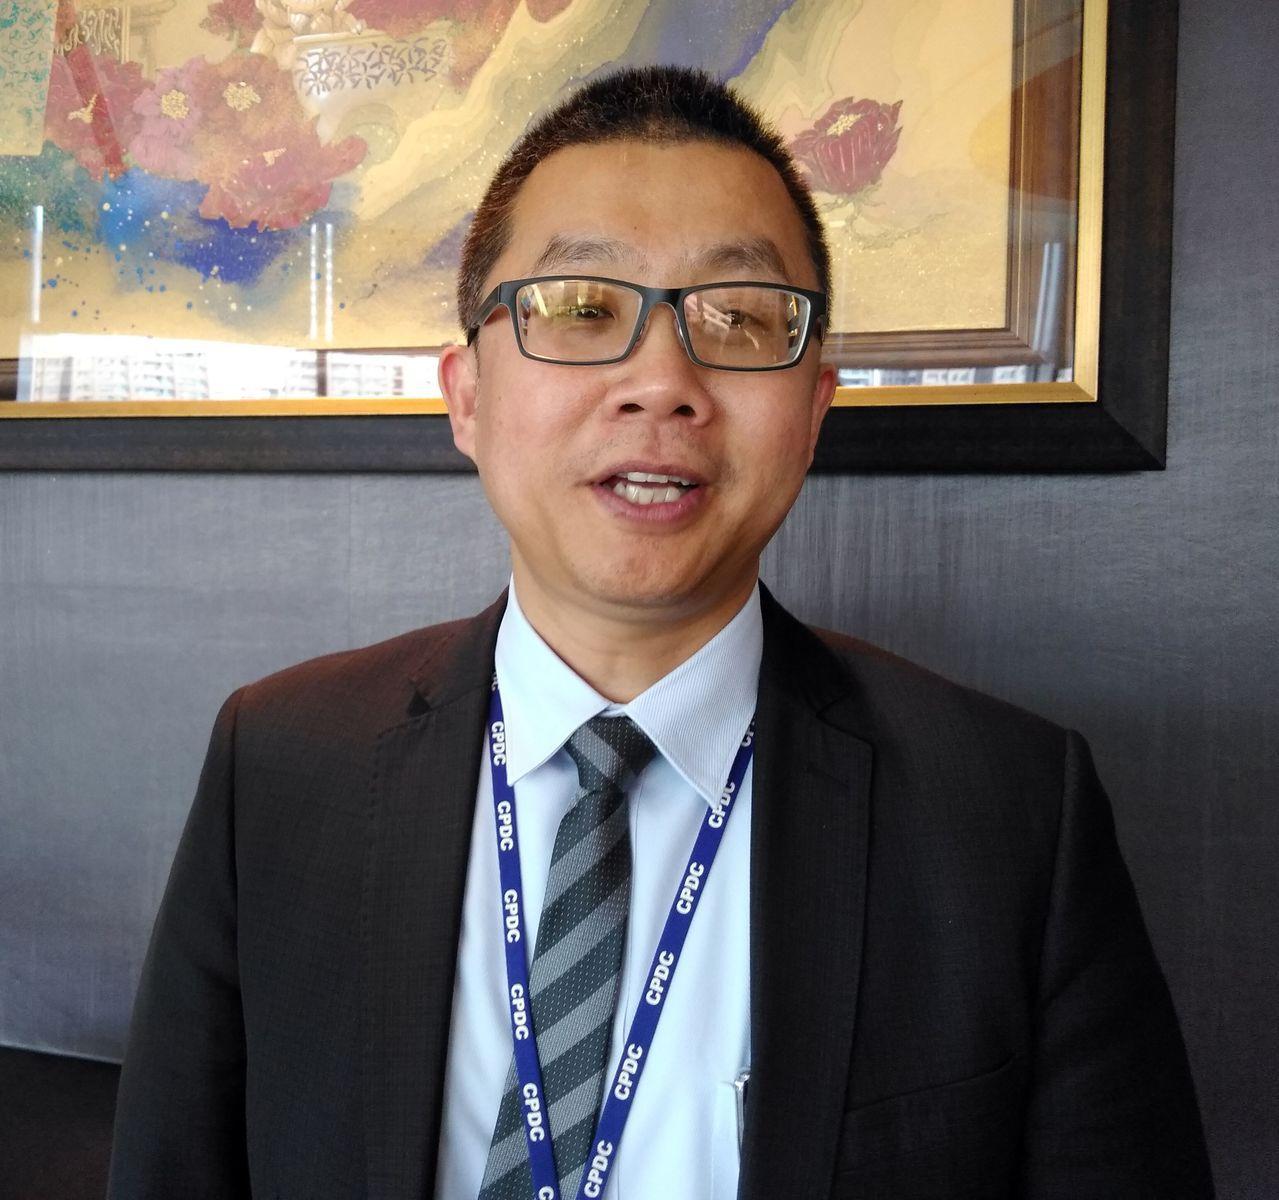 中石化財務長兼發言人陳穎俊(見圖)表示,石化本業及土地開發,是中石化在海內外雙向...